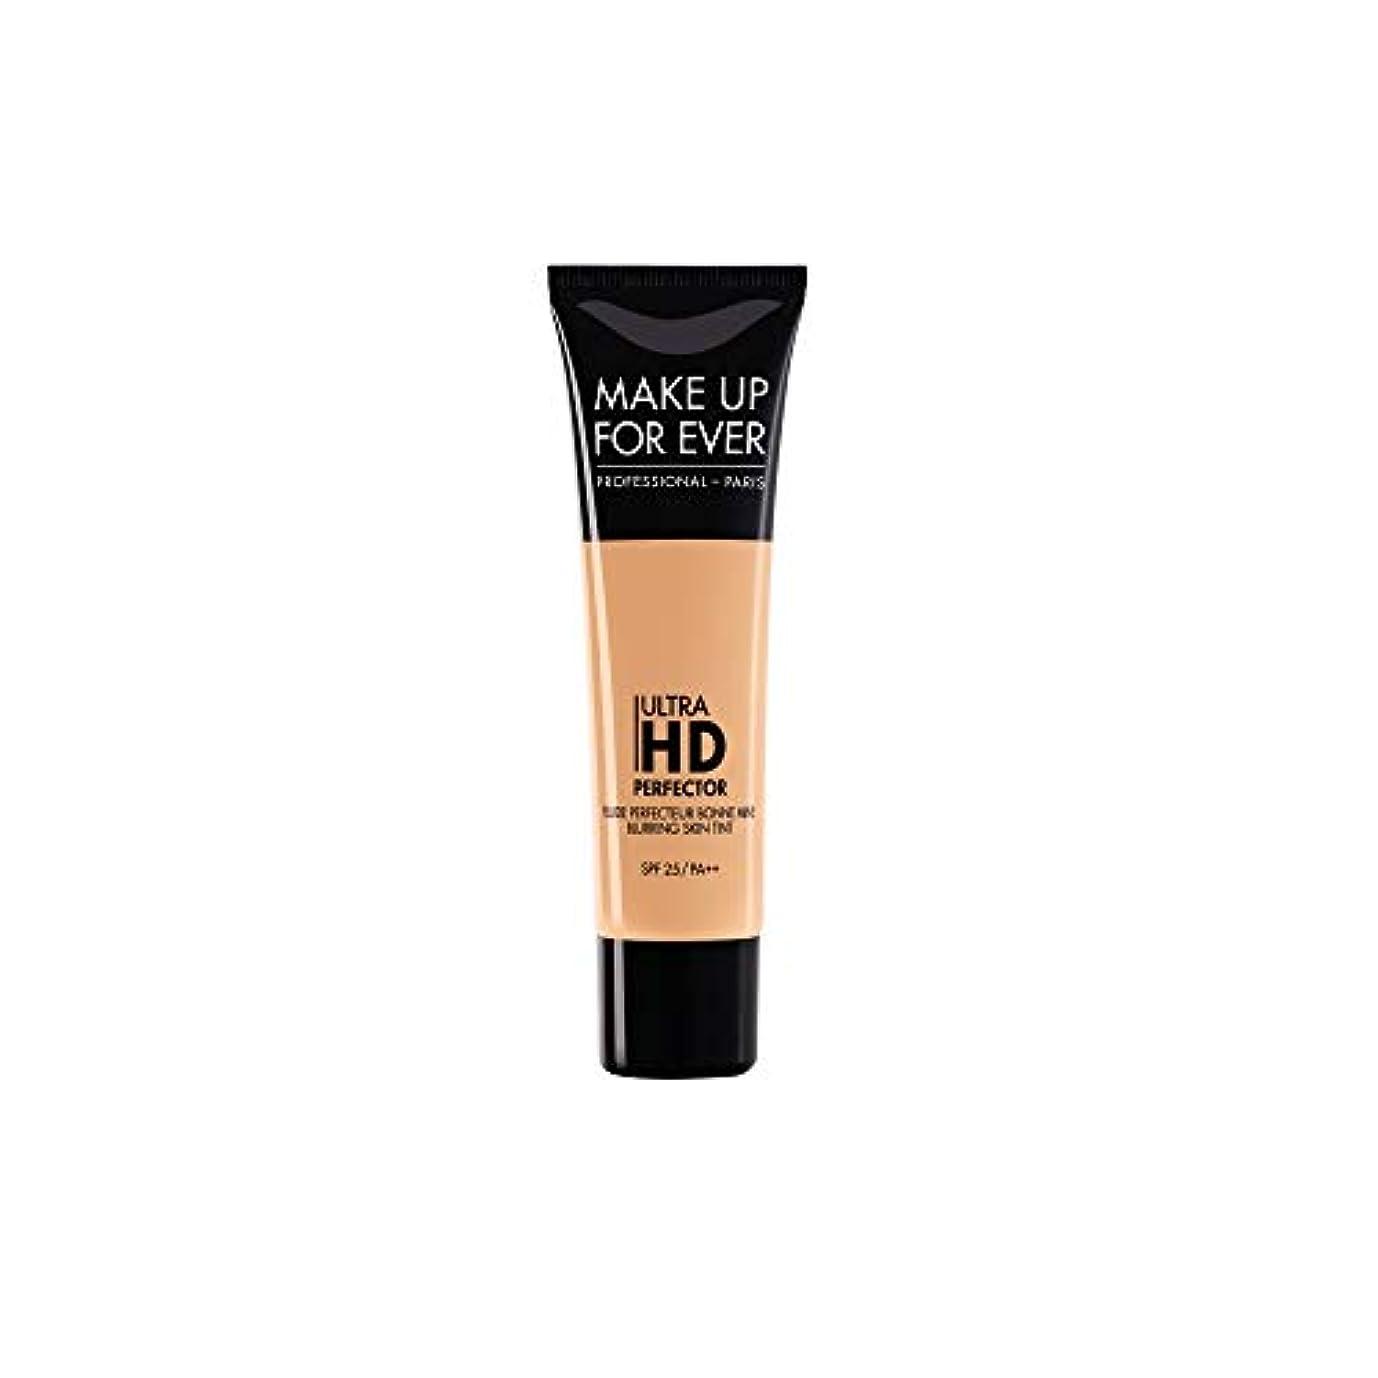 競合他社選手社会主義ダースメイクアップフォーエバー Ultra HD Perfector Blurring Skin Tint SPF25 - # 07 Golden Apricot 30ml/1.01oz並行輸入品